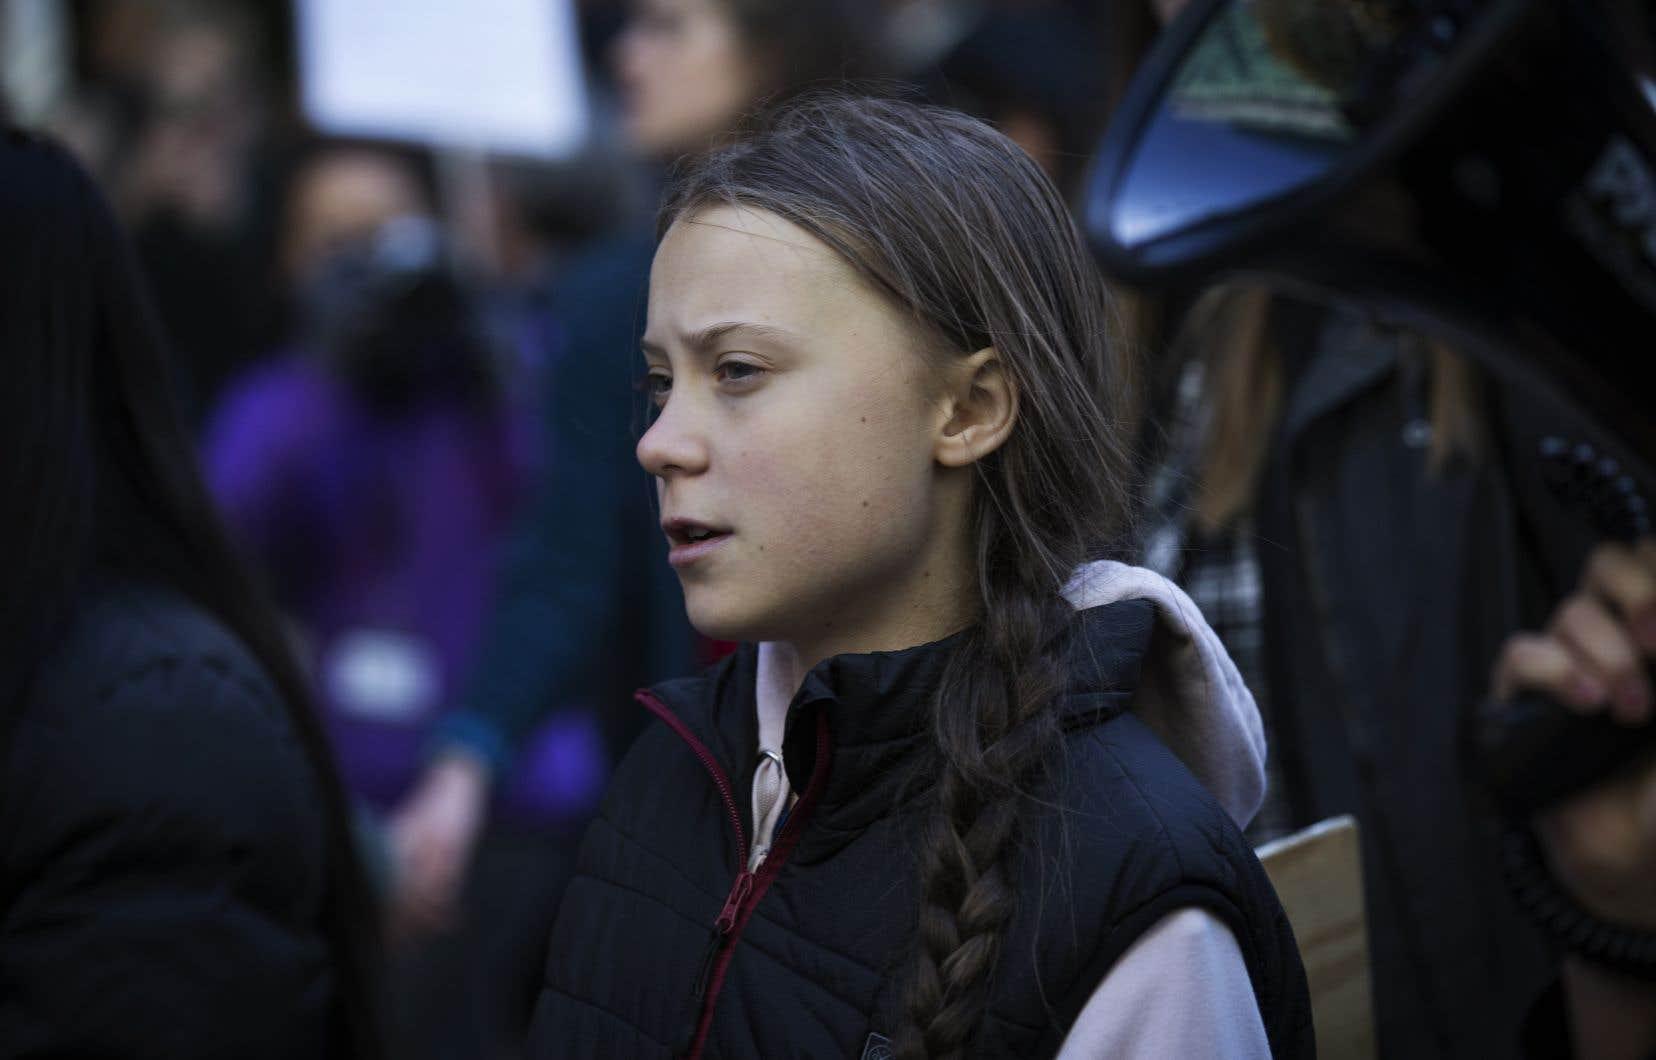 «Ensemble, nous allons faire la différence», a promis la jeune militante suédoise Greta Thunberg.